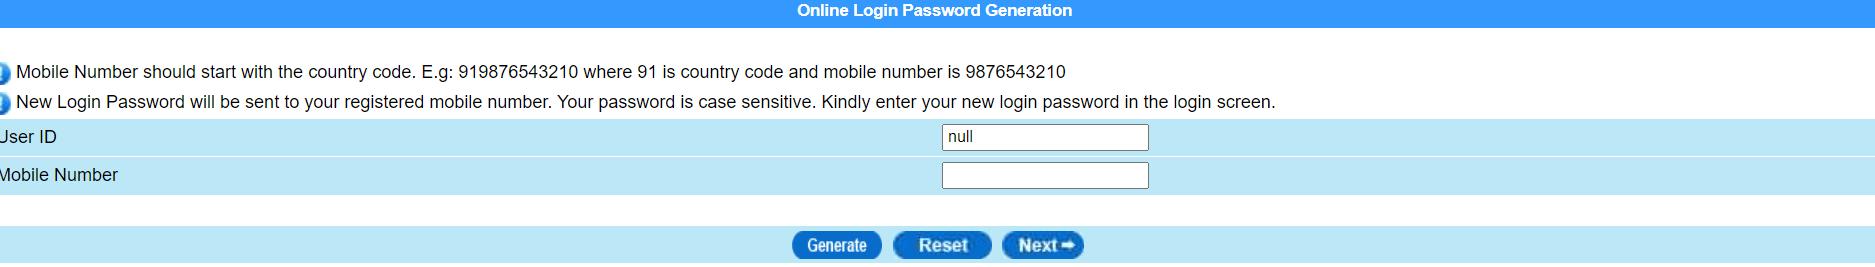 How to Generate CBI Login password online